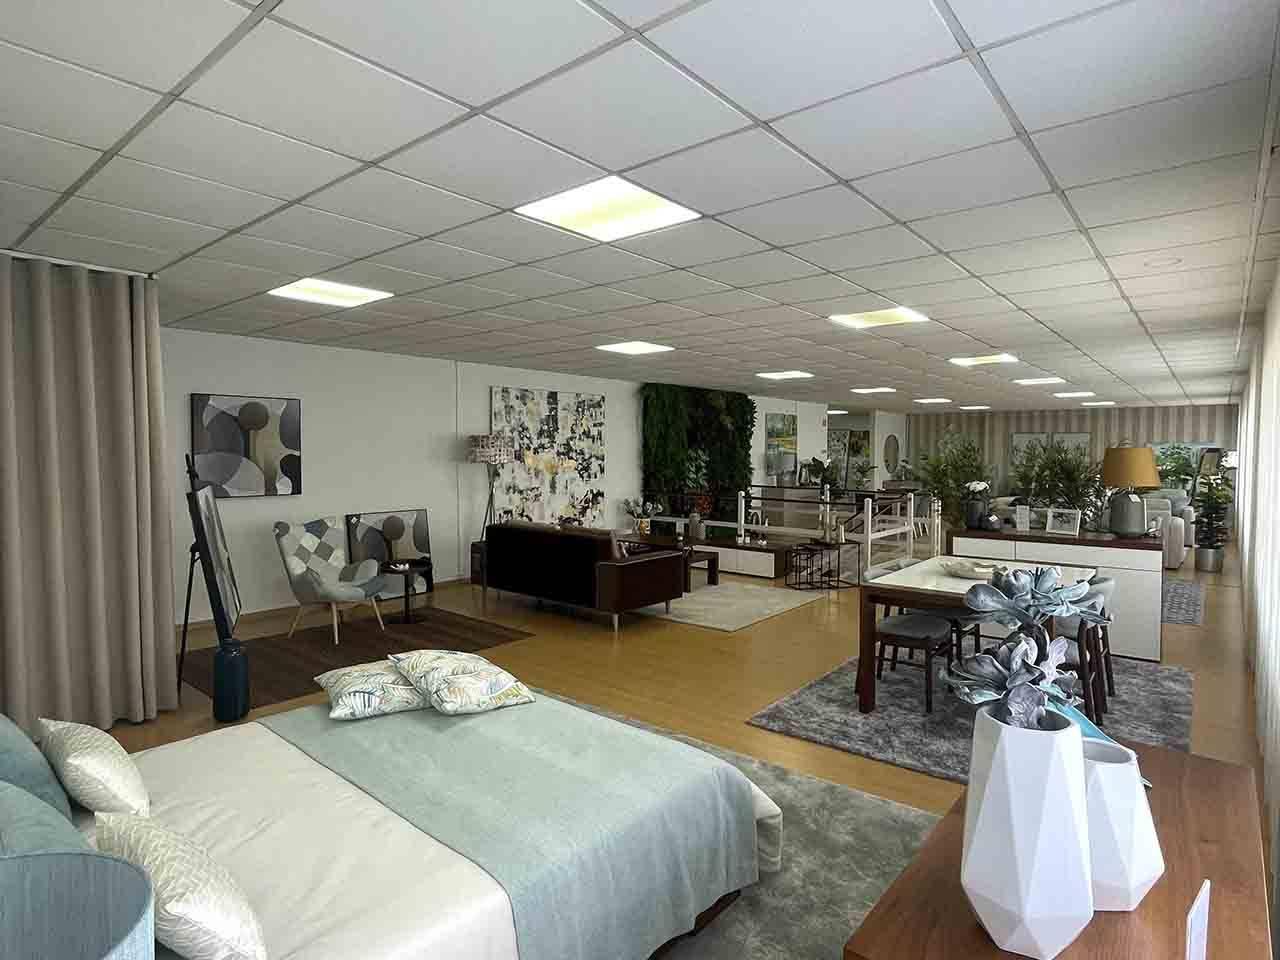 lisiarte-cortinados-colchas-capasedredom-camas-sofas-decoração-interiores-caldasdarainha-oeste-sãomartinho-bomsucesso-lisboa-praiadelrey